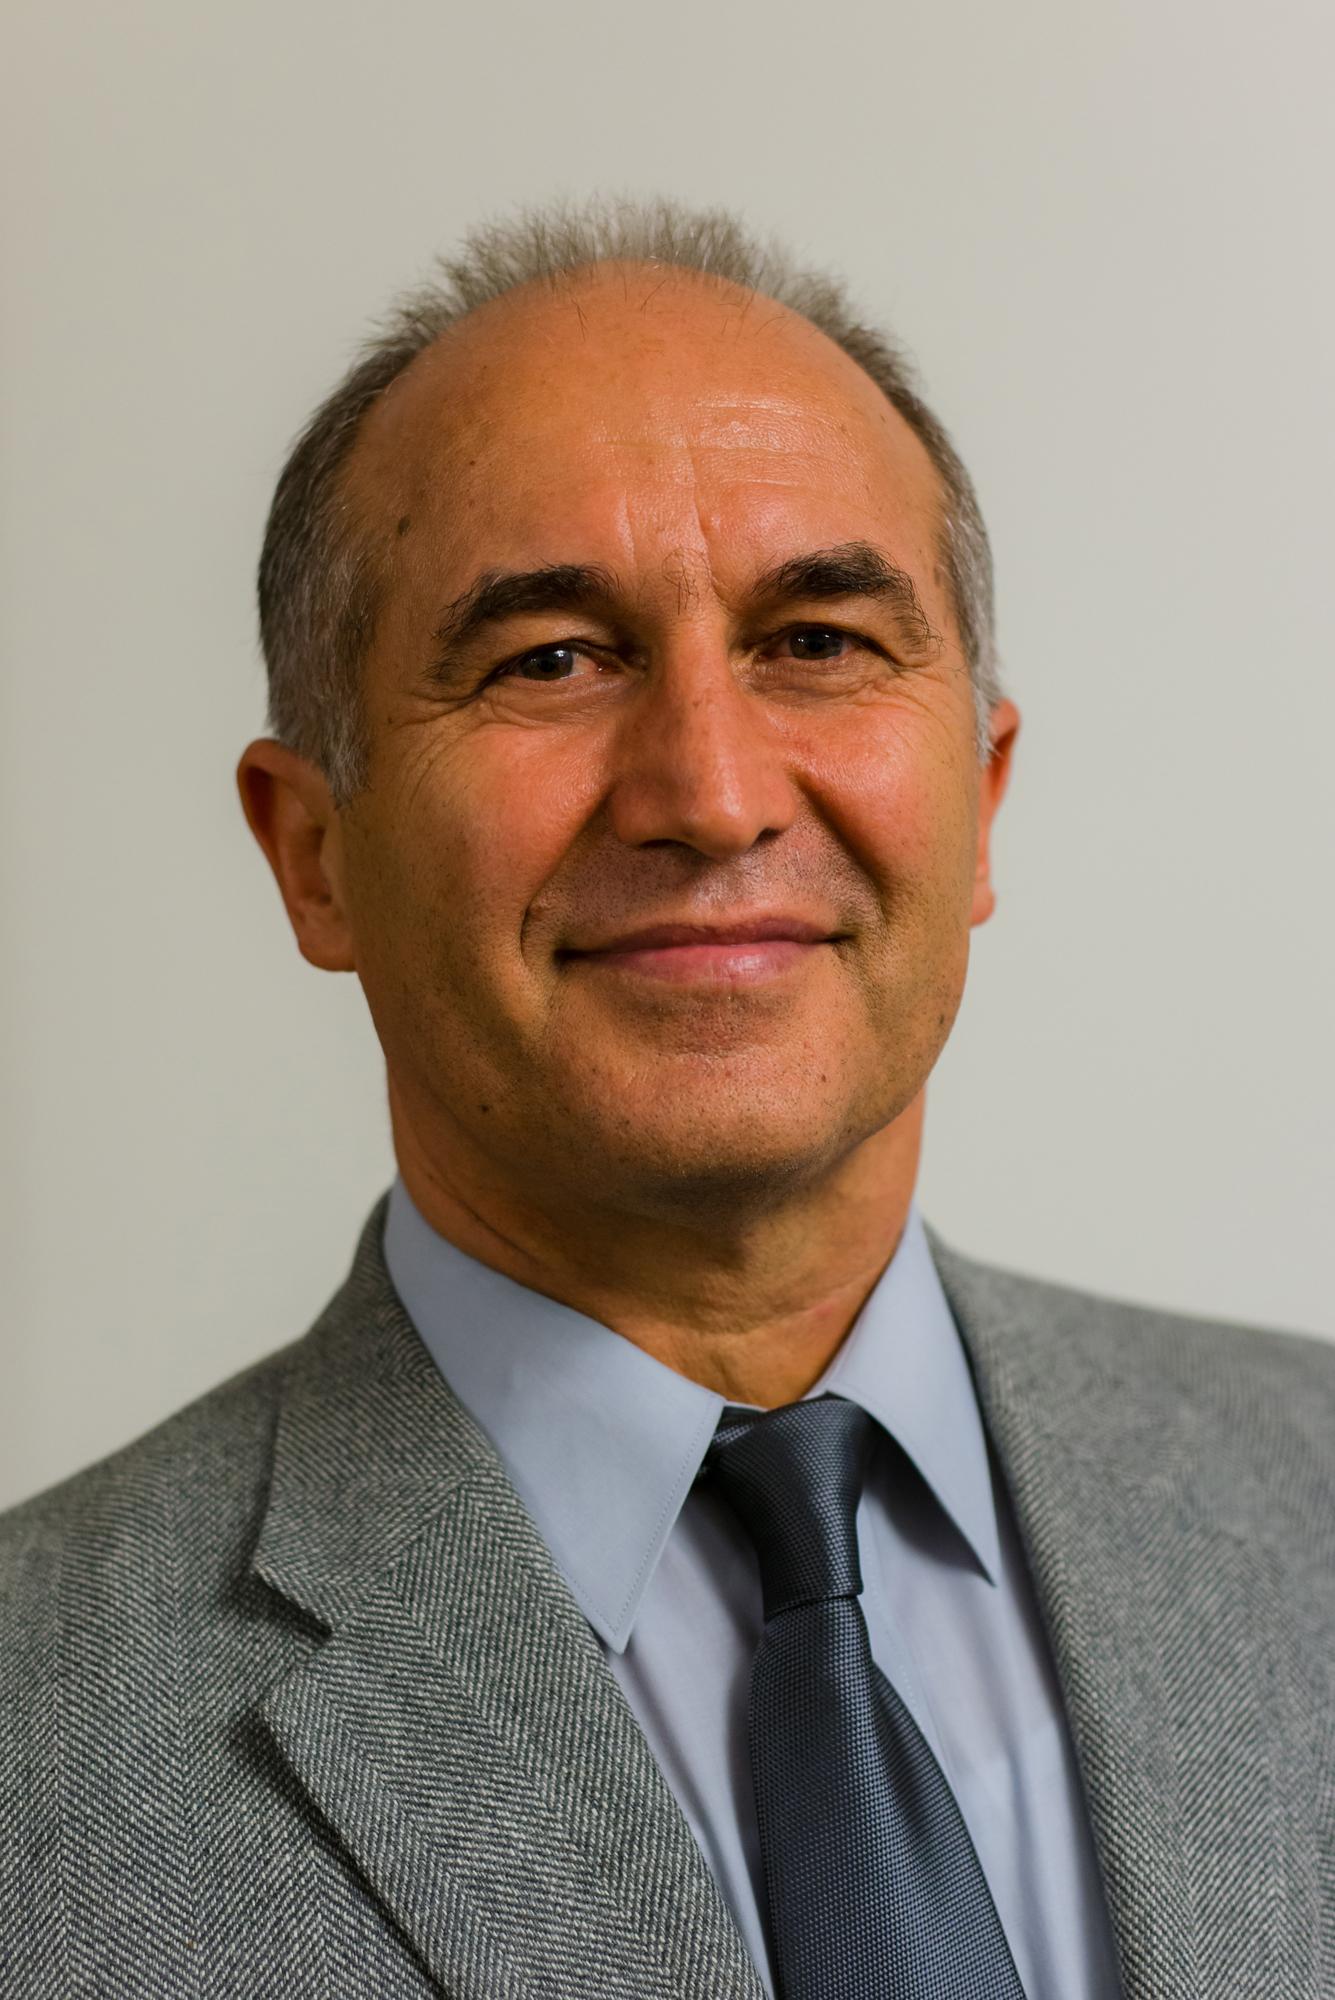 Hrotkó Károly